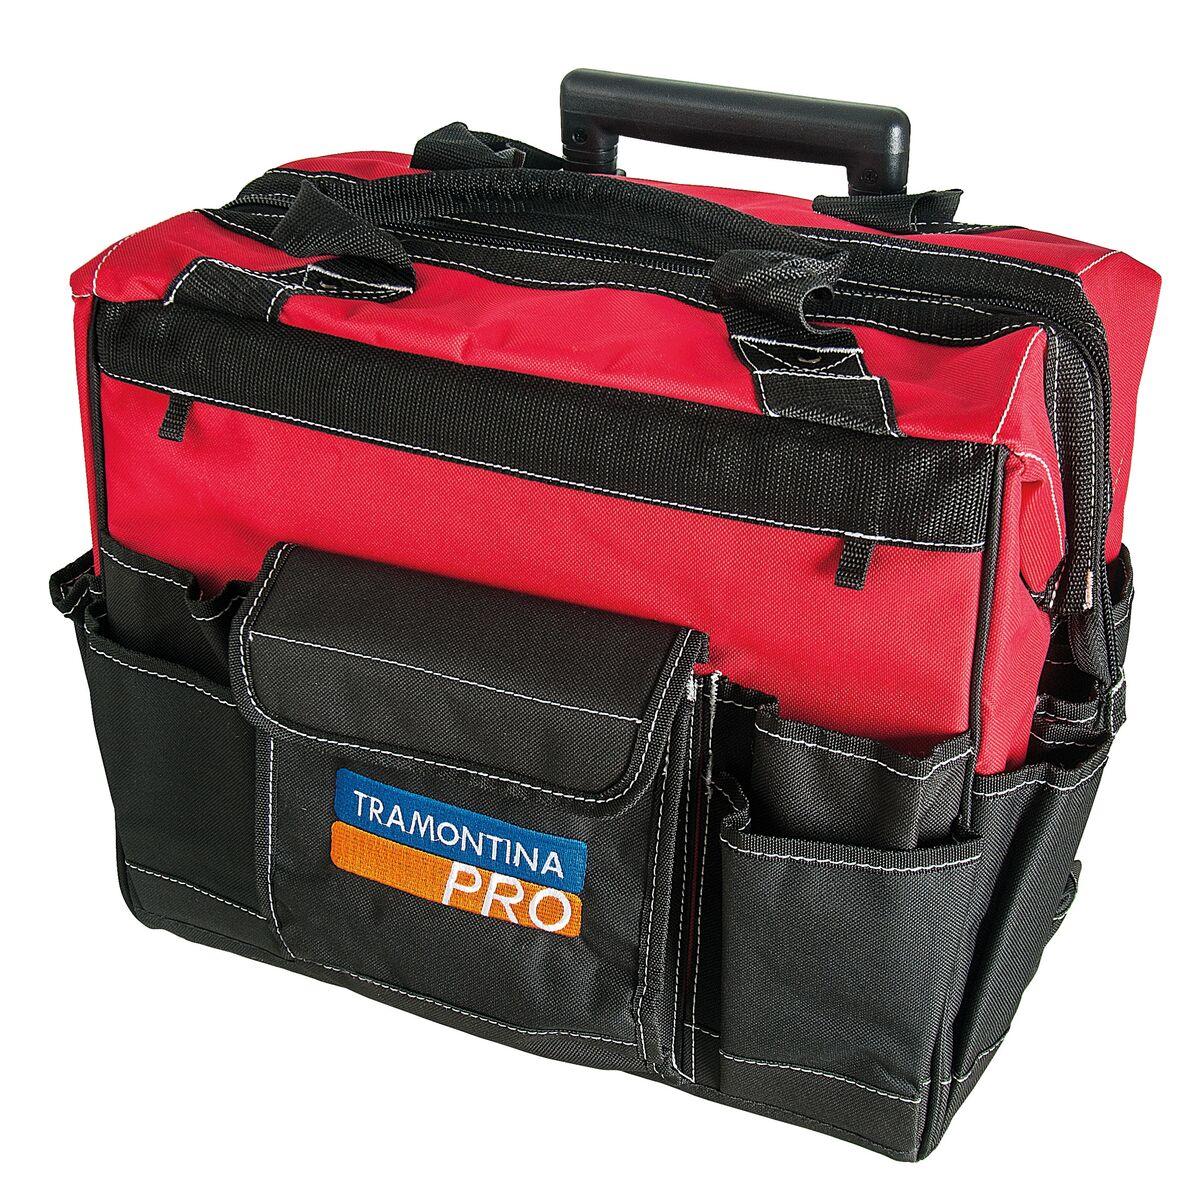 Tramontina - Bolsa porta herramientas 18 bolsillos 24c69a1bb4ec